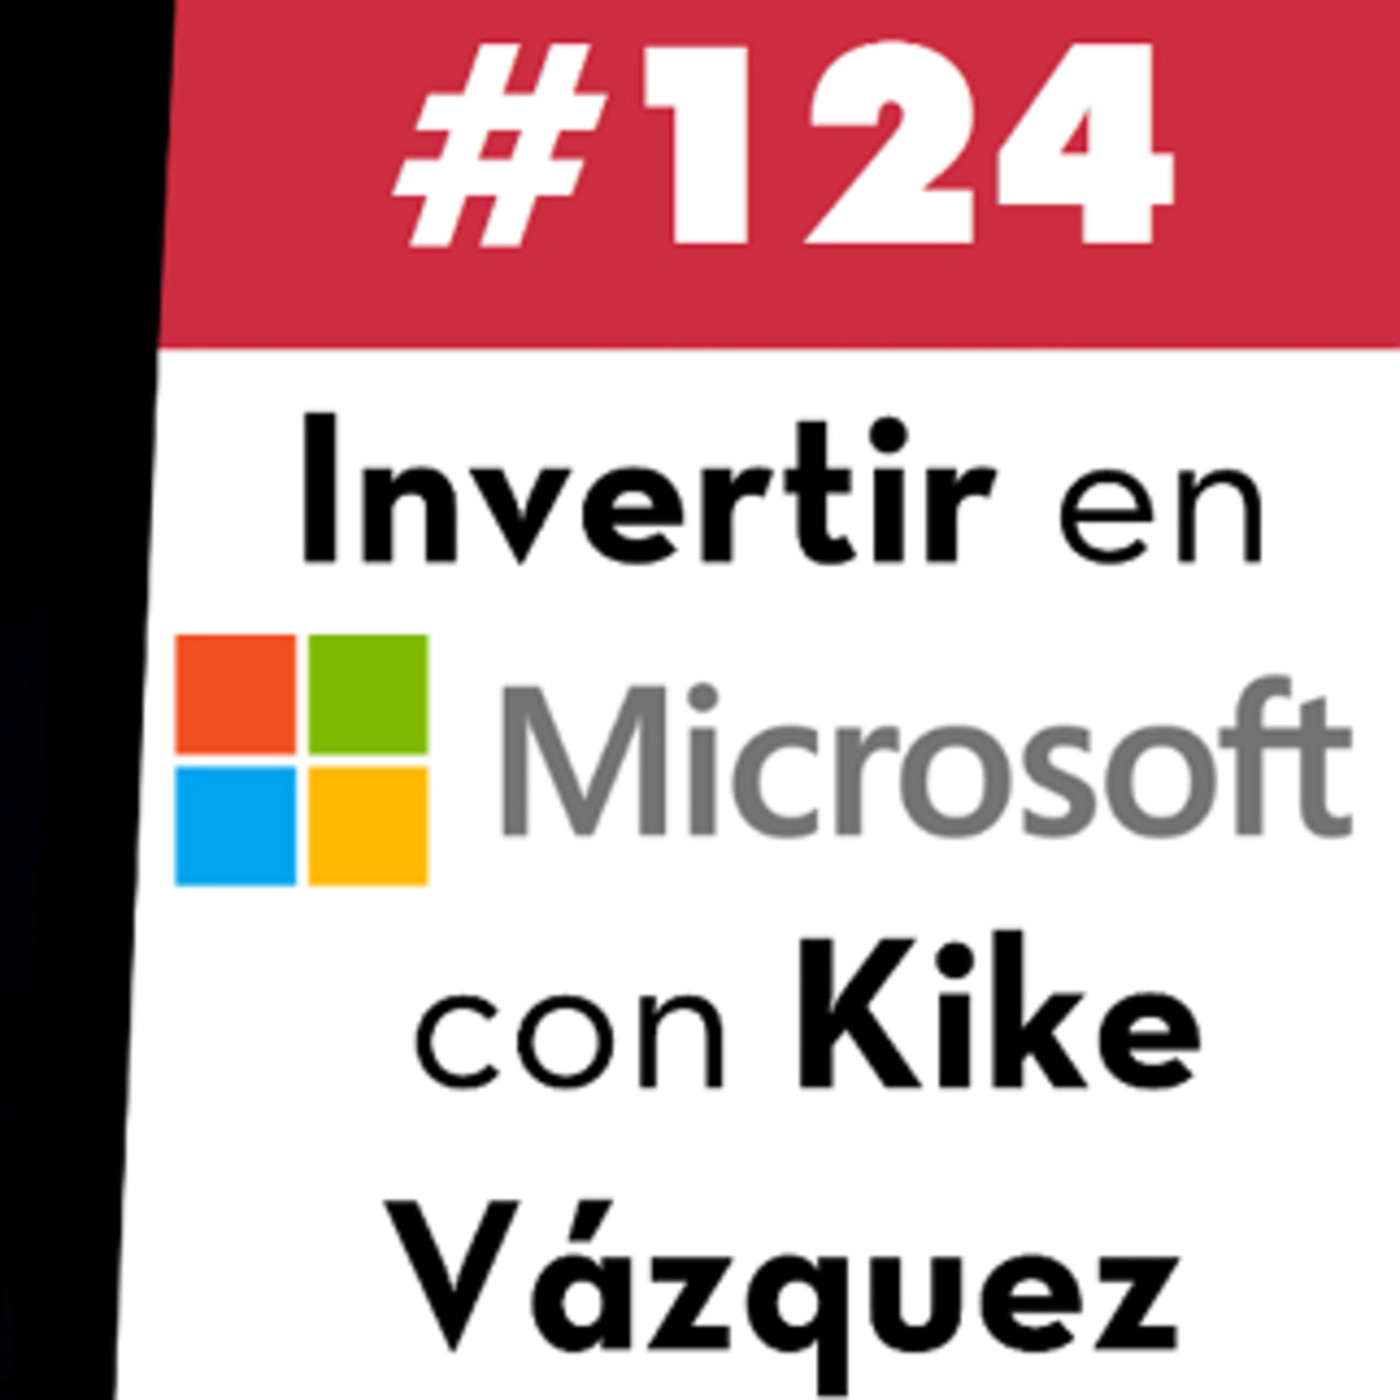 124. Invertir en Microsoft con Kike Vázquez